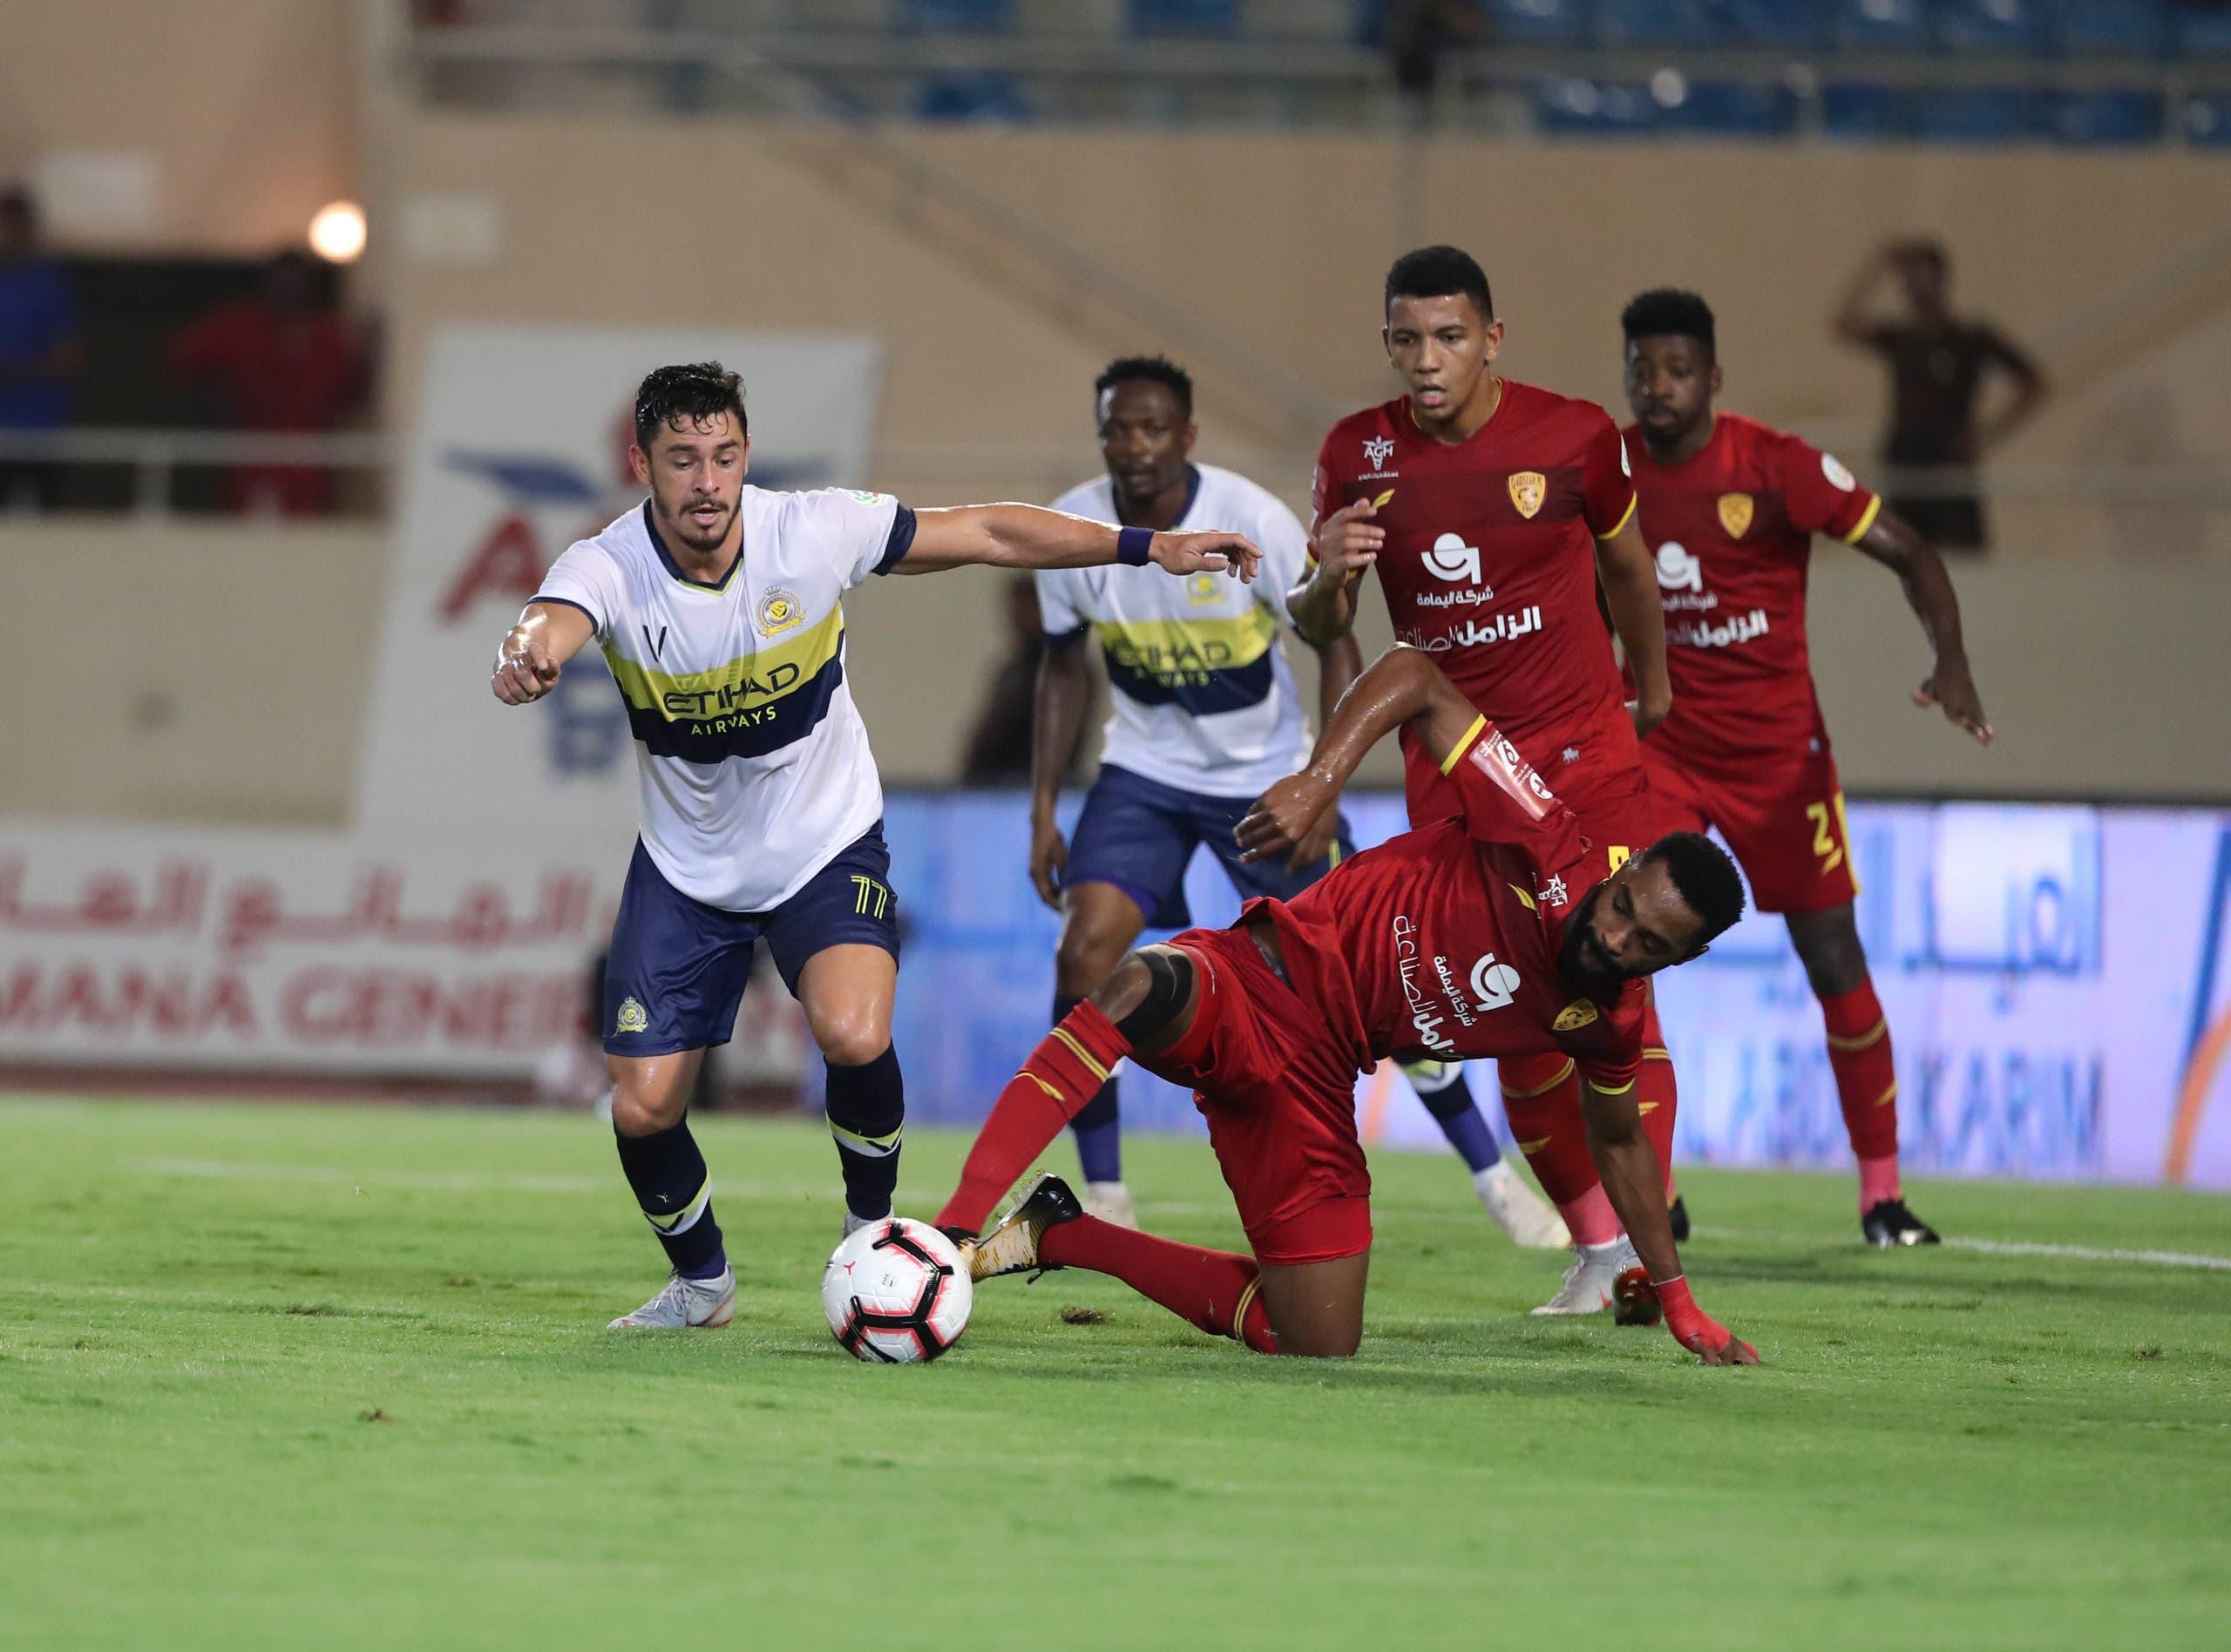 جوليانو في مباراة النصر والقادسية